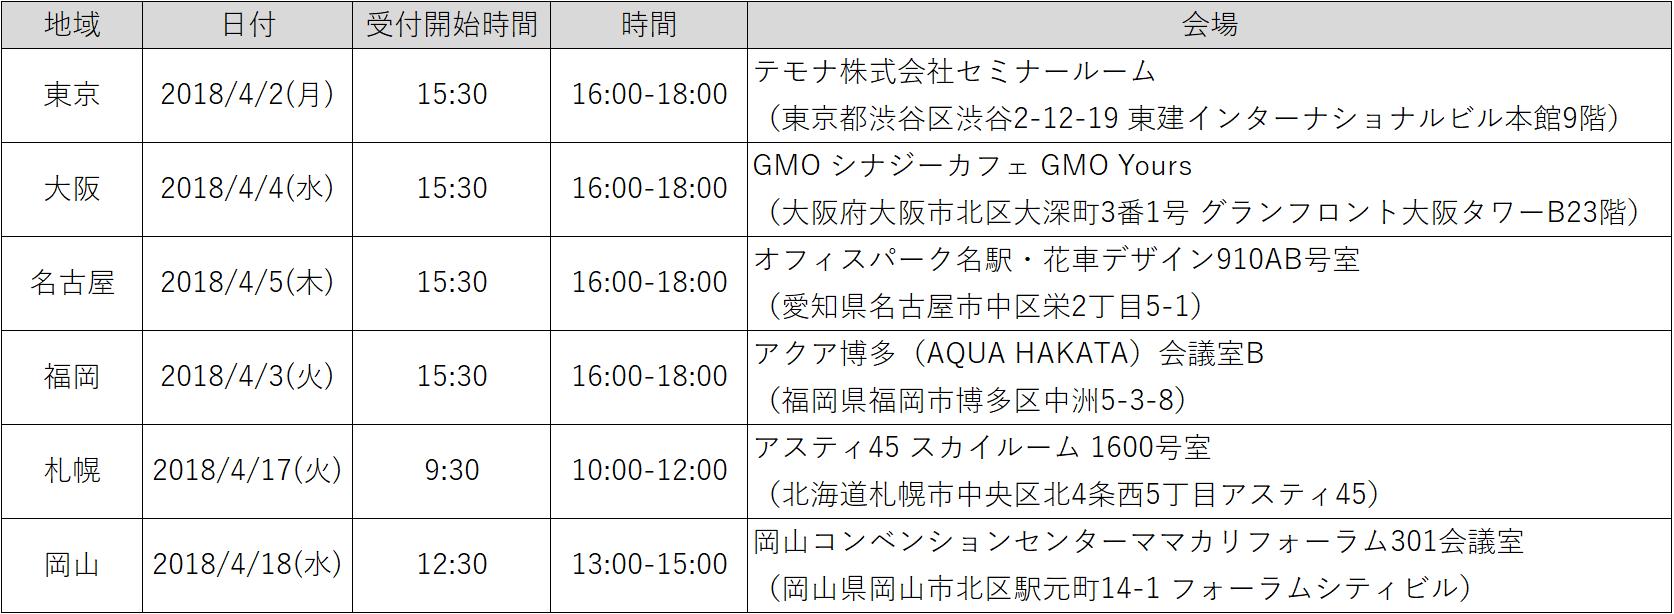 断トツキャンペーンセミナー会場